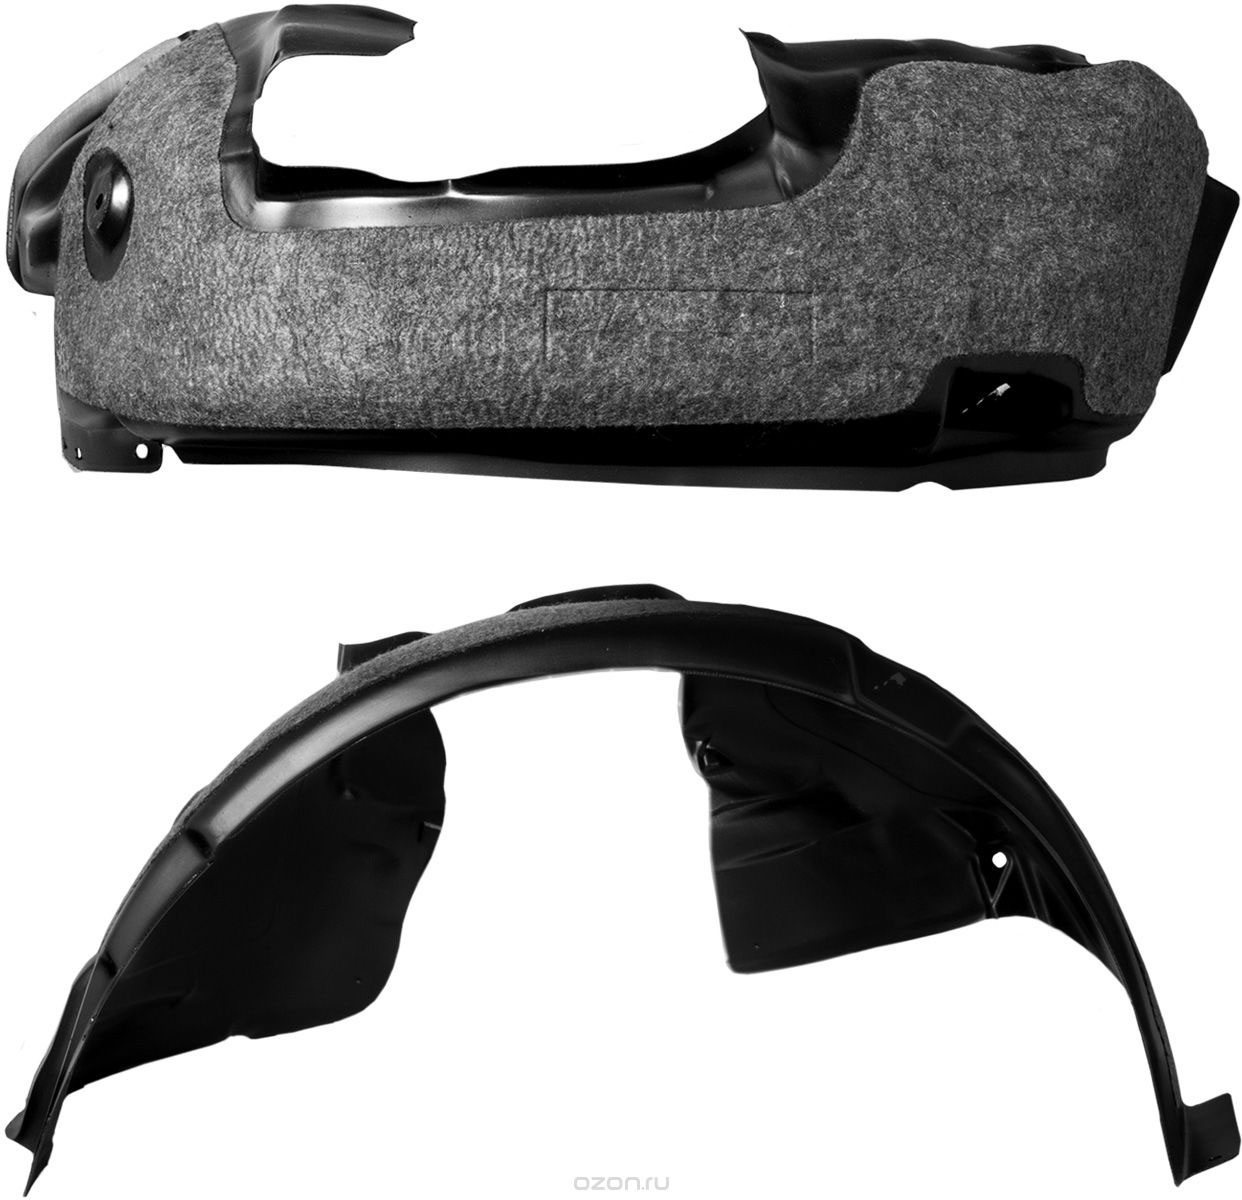 цены Подкрылок Totem с шумоизоляцией, для Lifan Myway, 2017->, кроссовер, передний правый